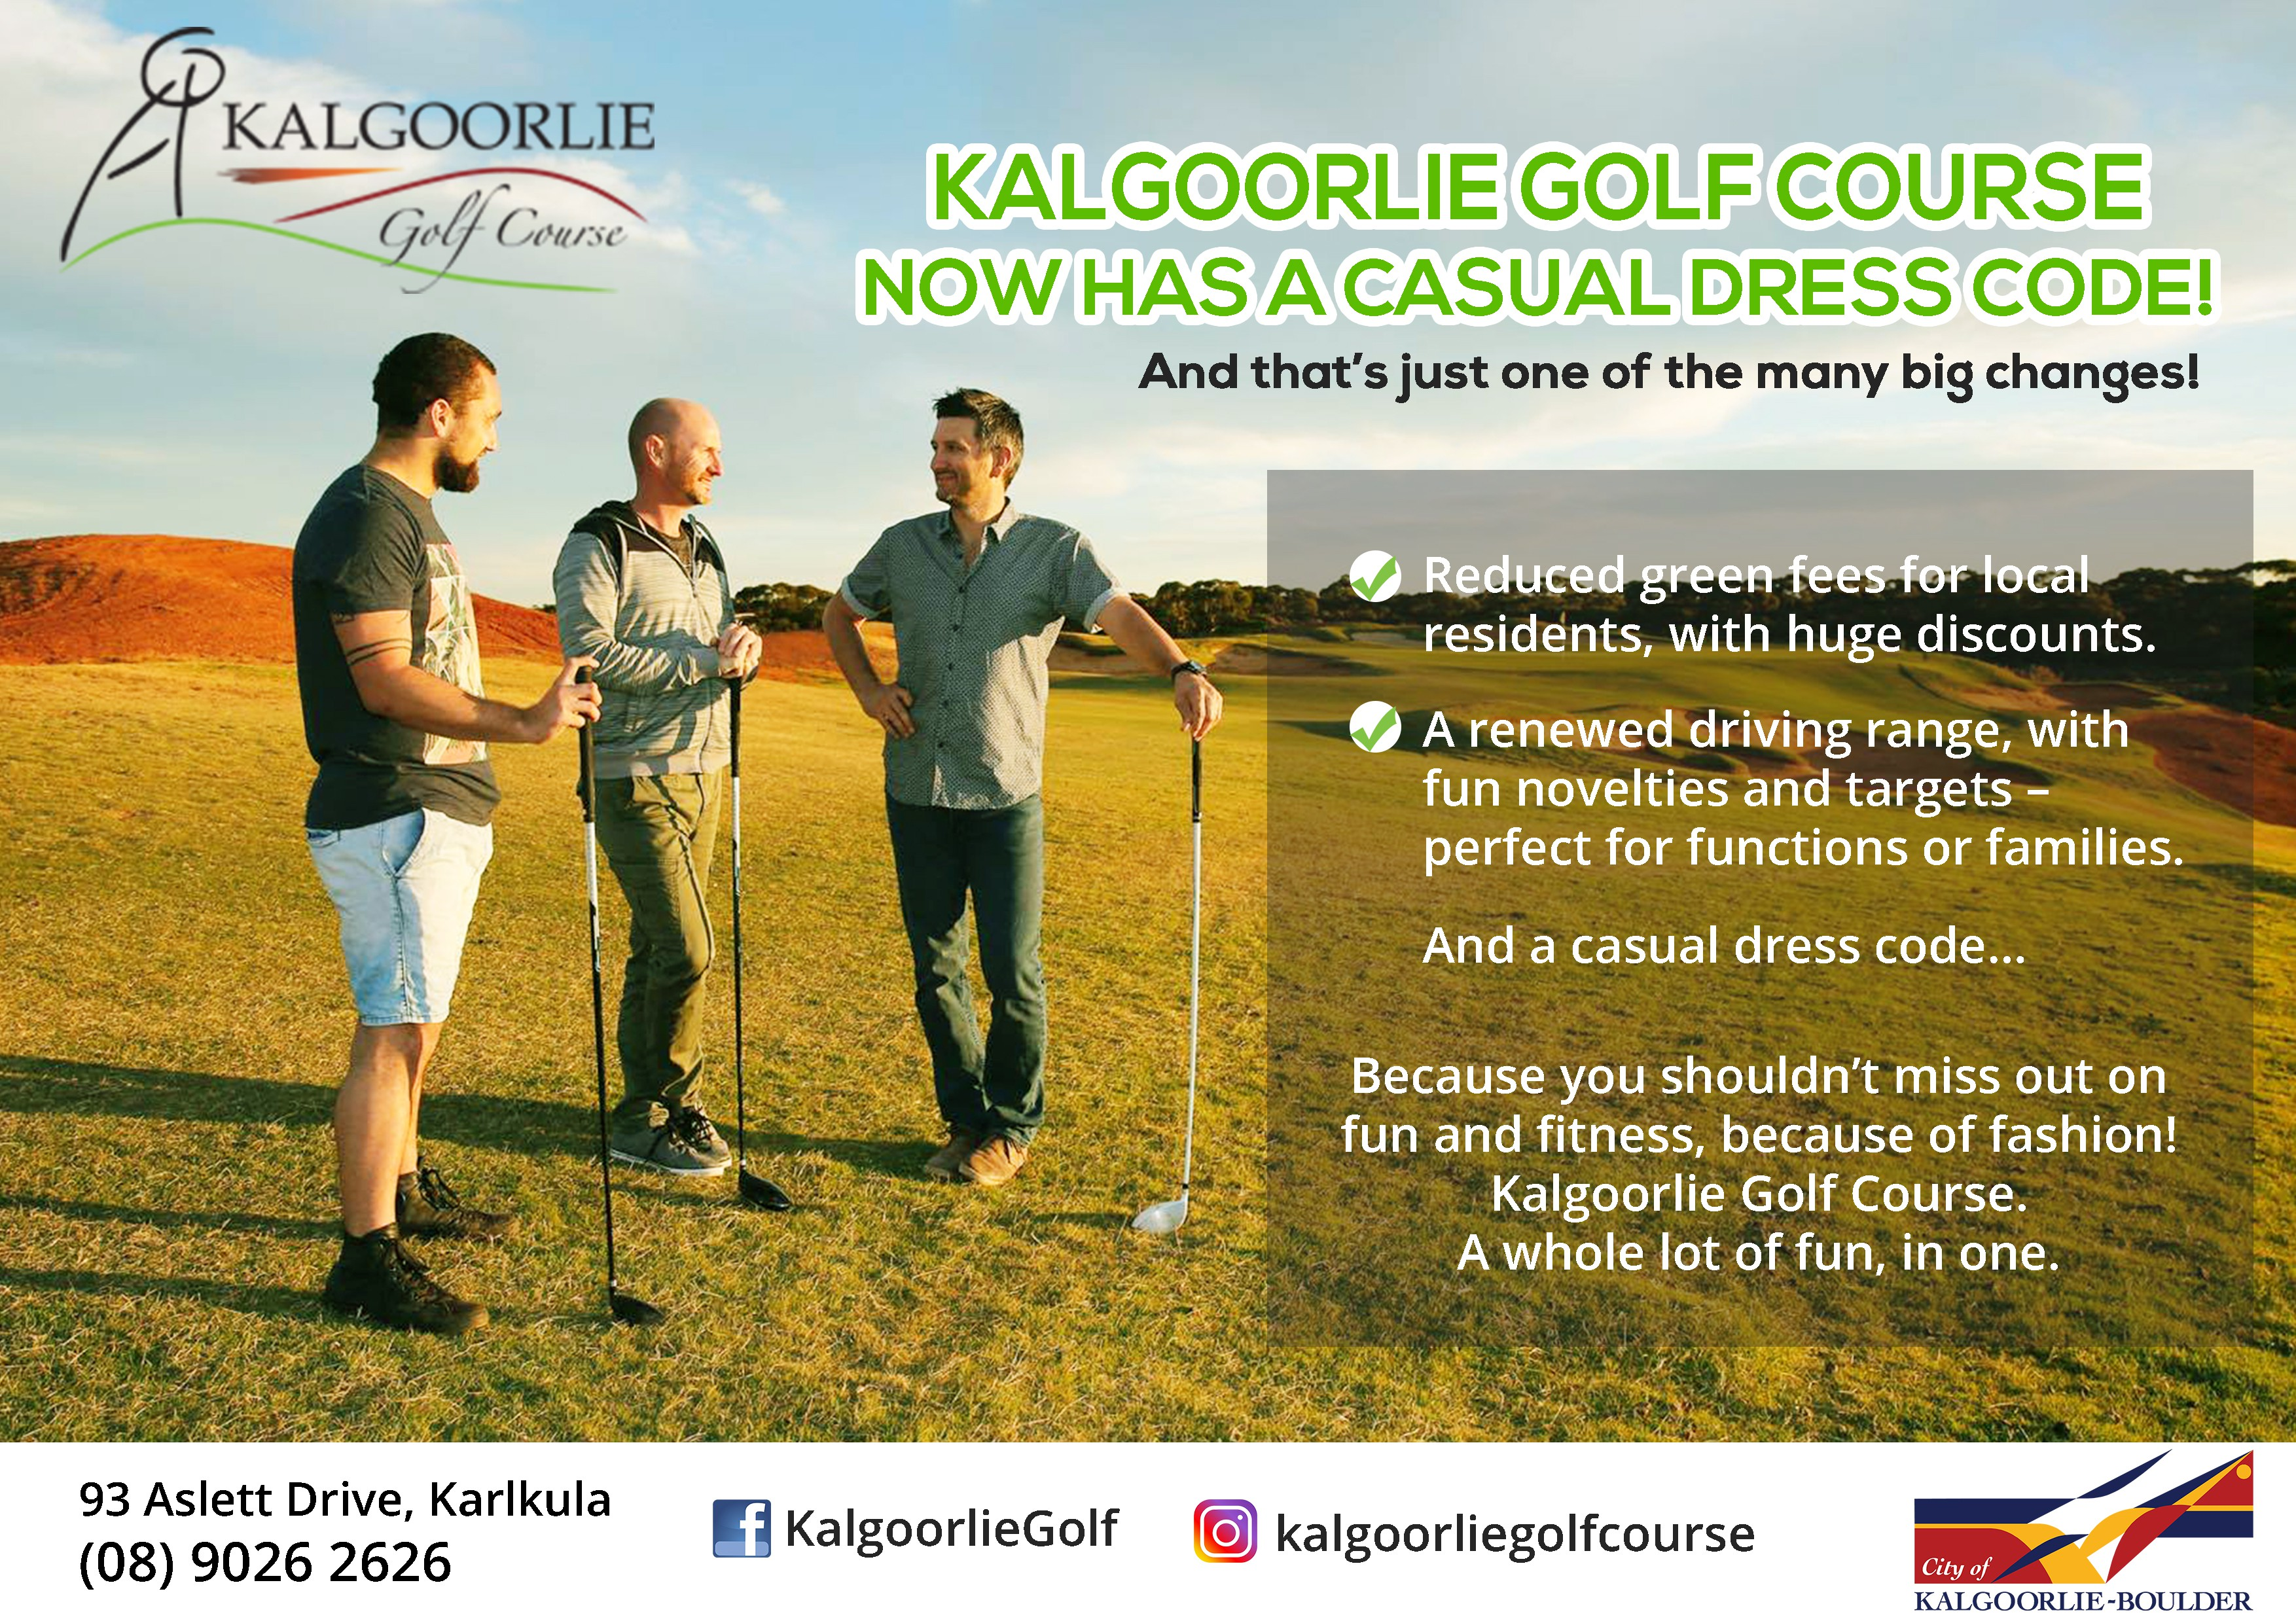 Kalgoorlie Golf Course flyers!